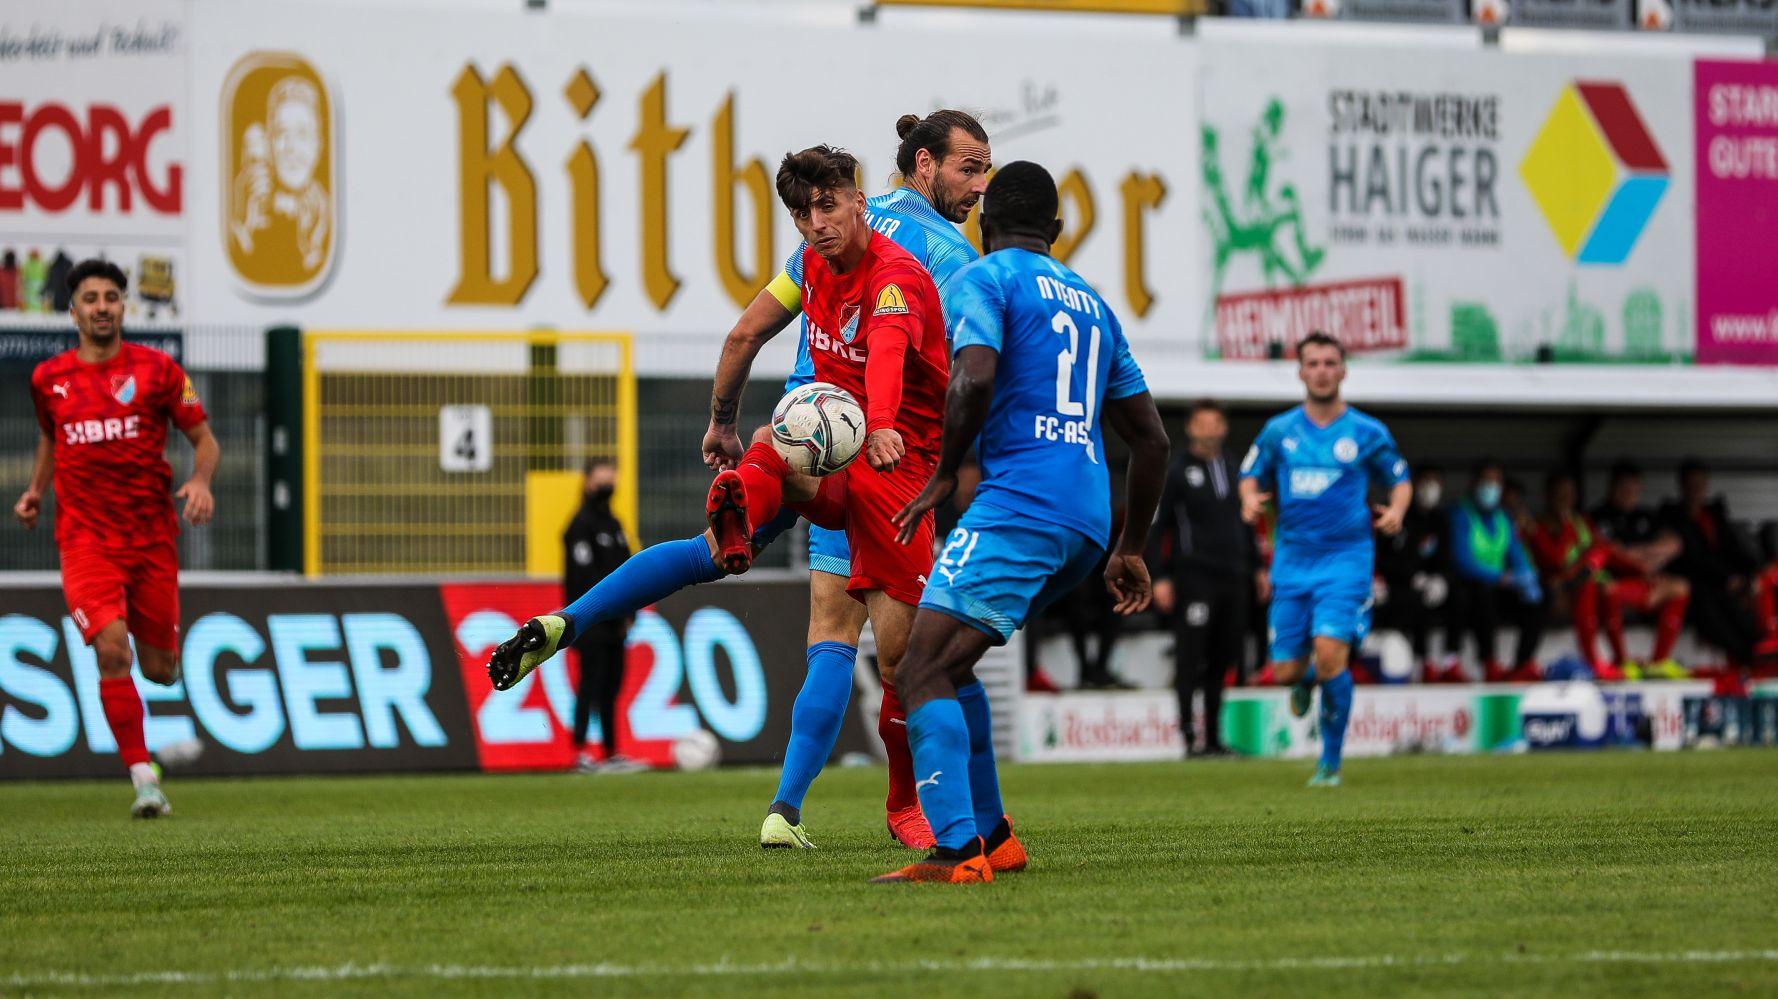 Enis Bytyqi vom TSV Steinbach Haiger trifft gegen den FC Astoria Walldorf